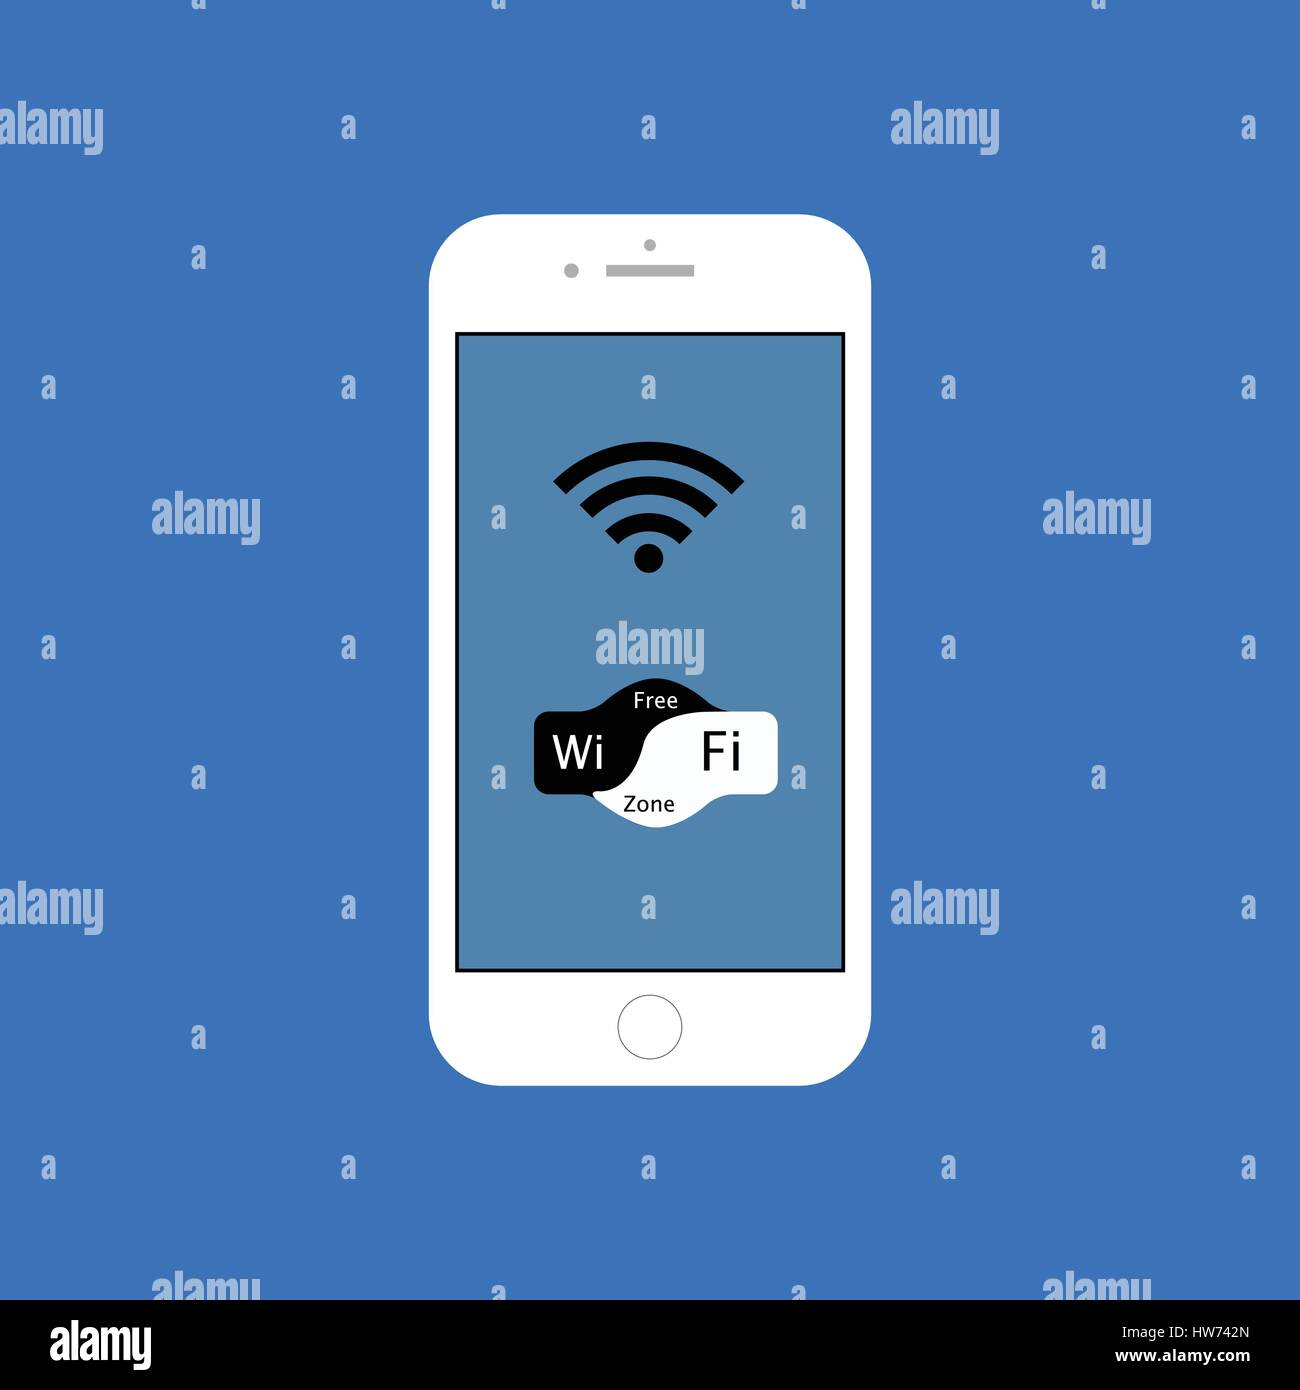 Wi Fi gratuita smartphone blanco ilustración Imagen De Stock